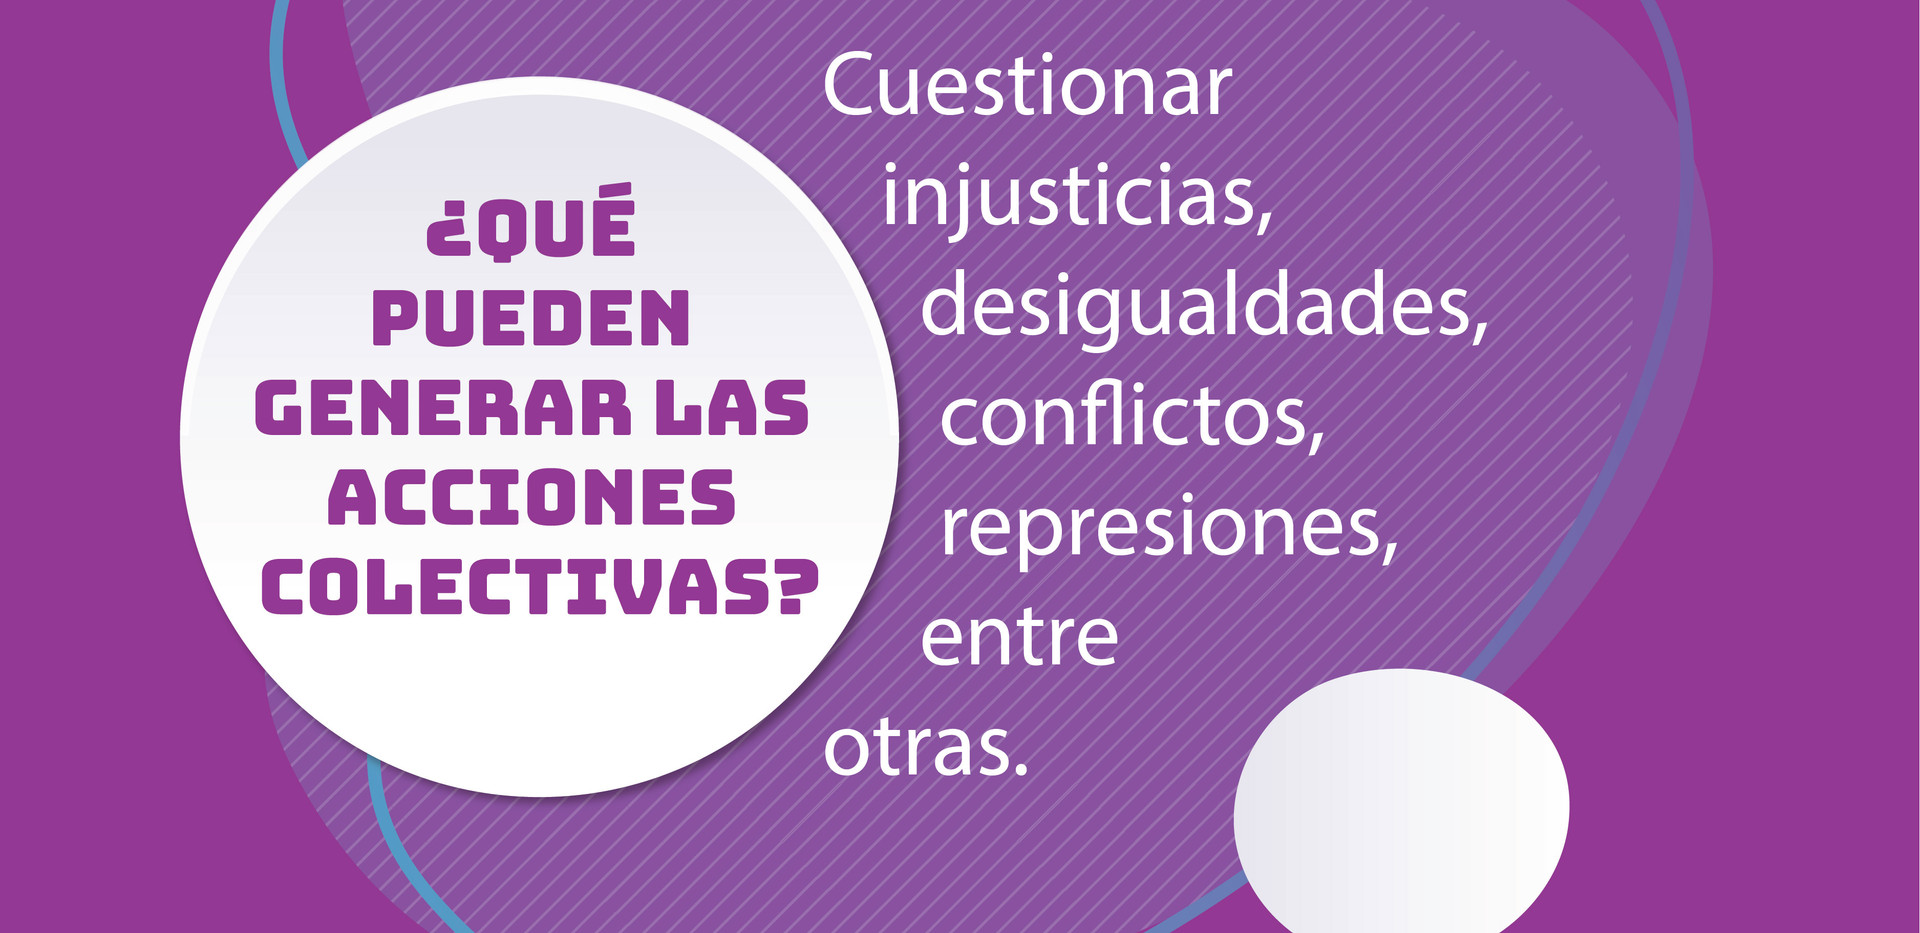 AcciónColectiva3-04.jpg